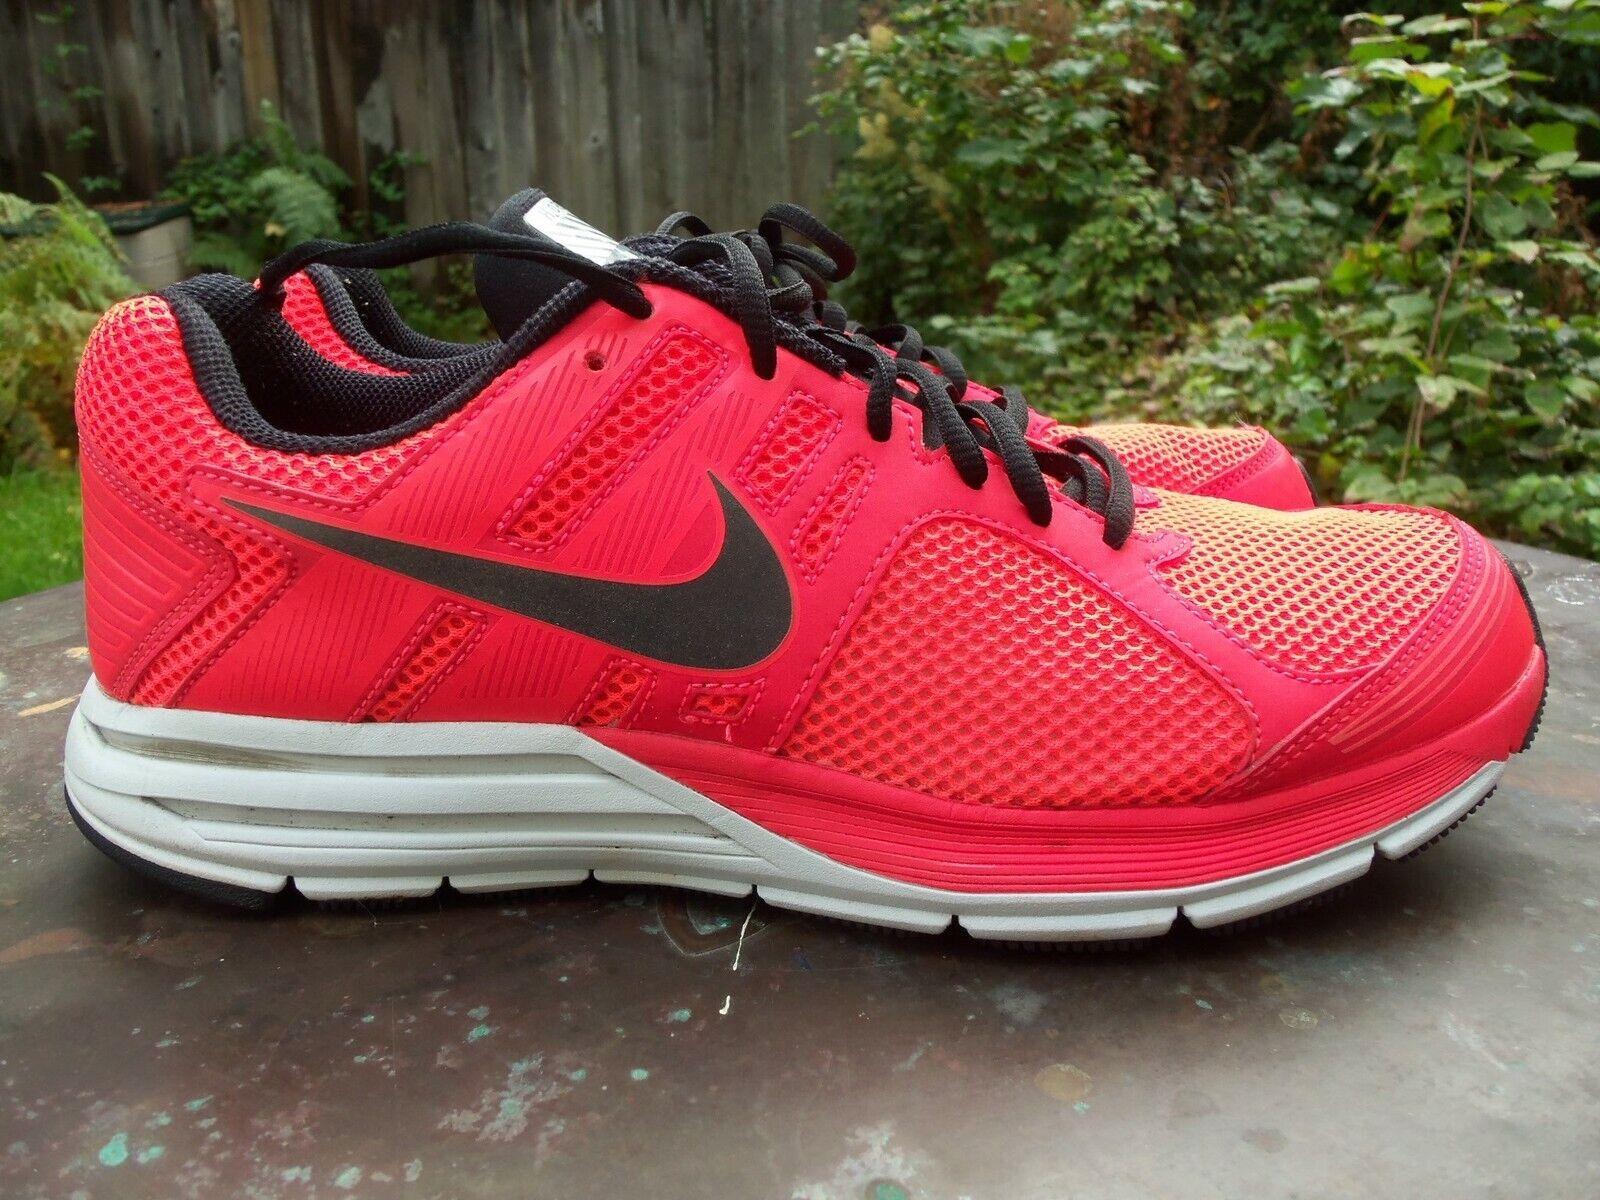 prezzi Promozione delle vendite vendita calda reale Nike 5.0 Running Shoes Women's Size 10 Purple H2o Repel Leopard ...